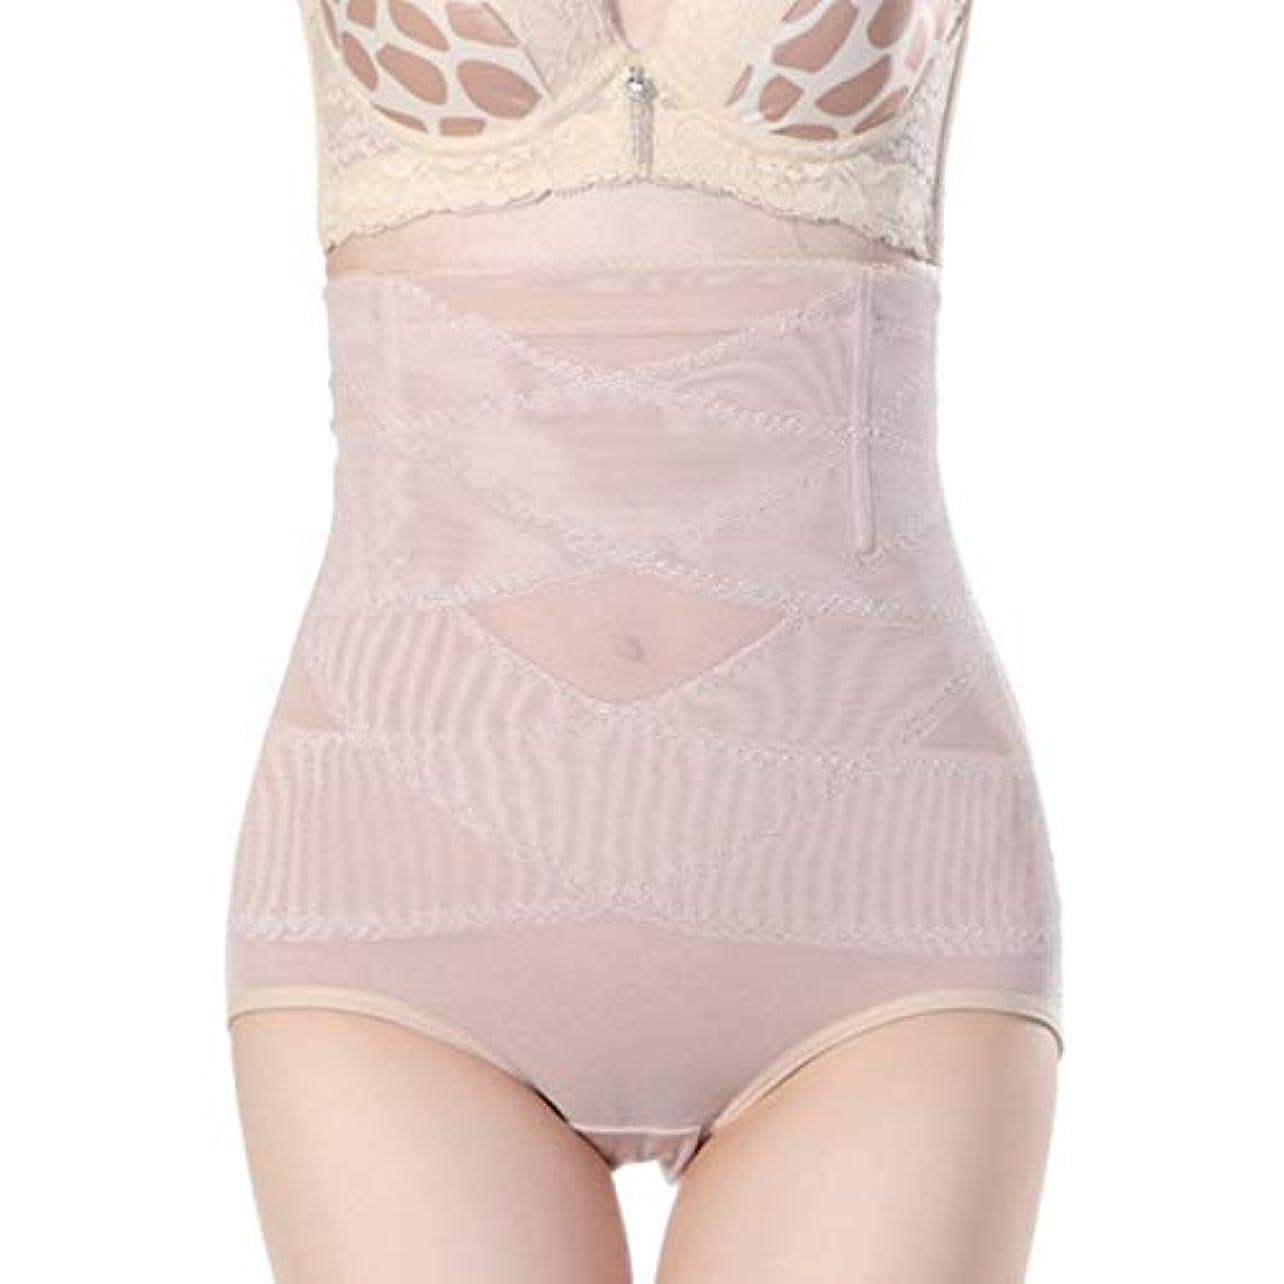 鳴らすローブインチ腹部制御下着シームレスおなかコントロールパンティーバットリフターボディシェイパーを痩身通気性のハイウエストの女性 - 肌色L